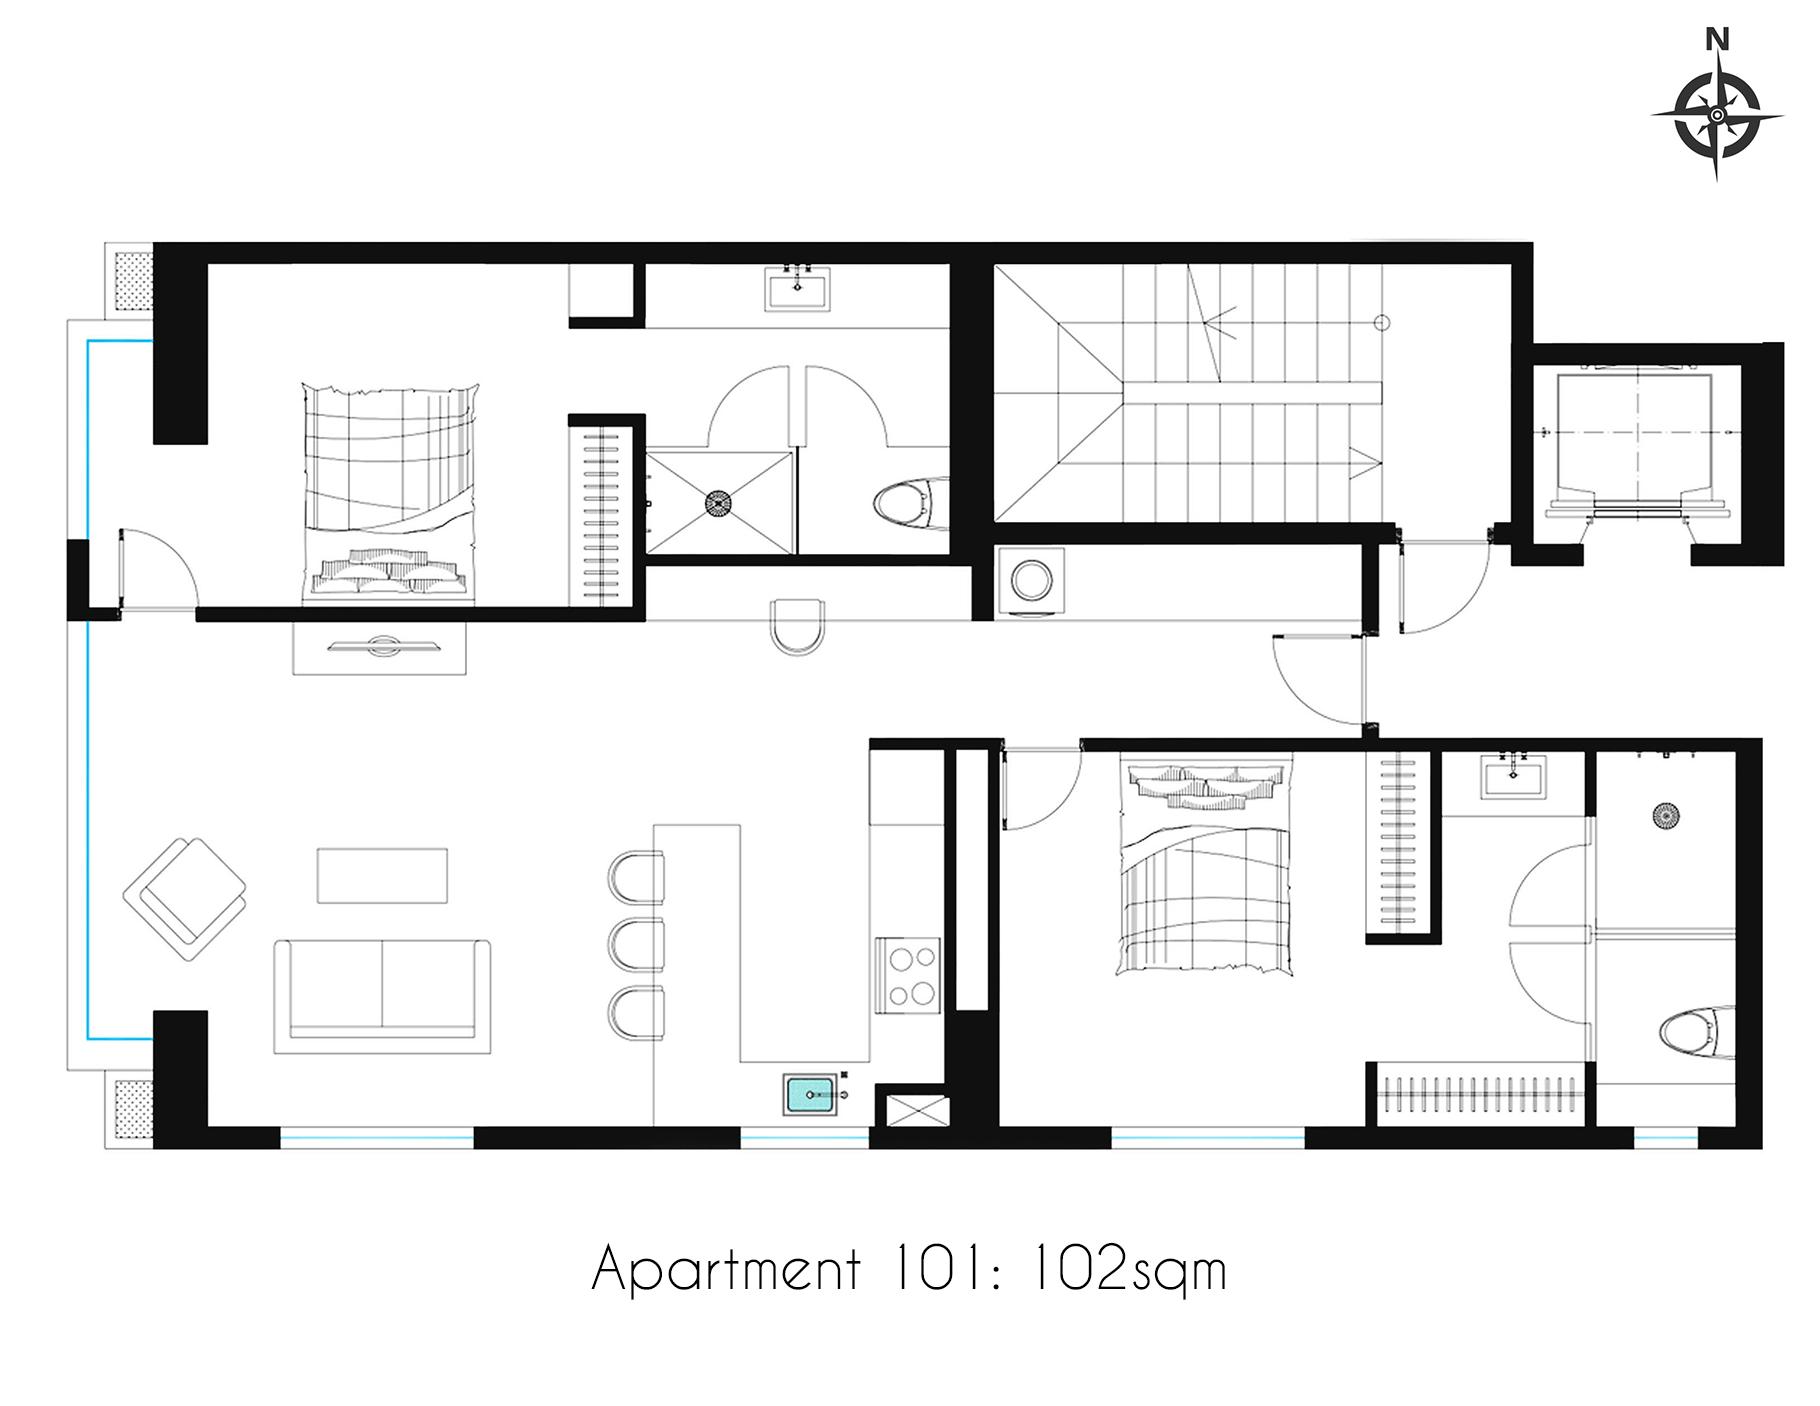 habitat-condos-plans-101.png